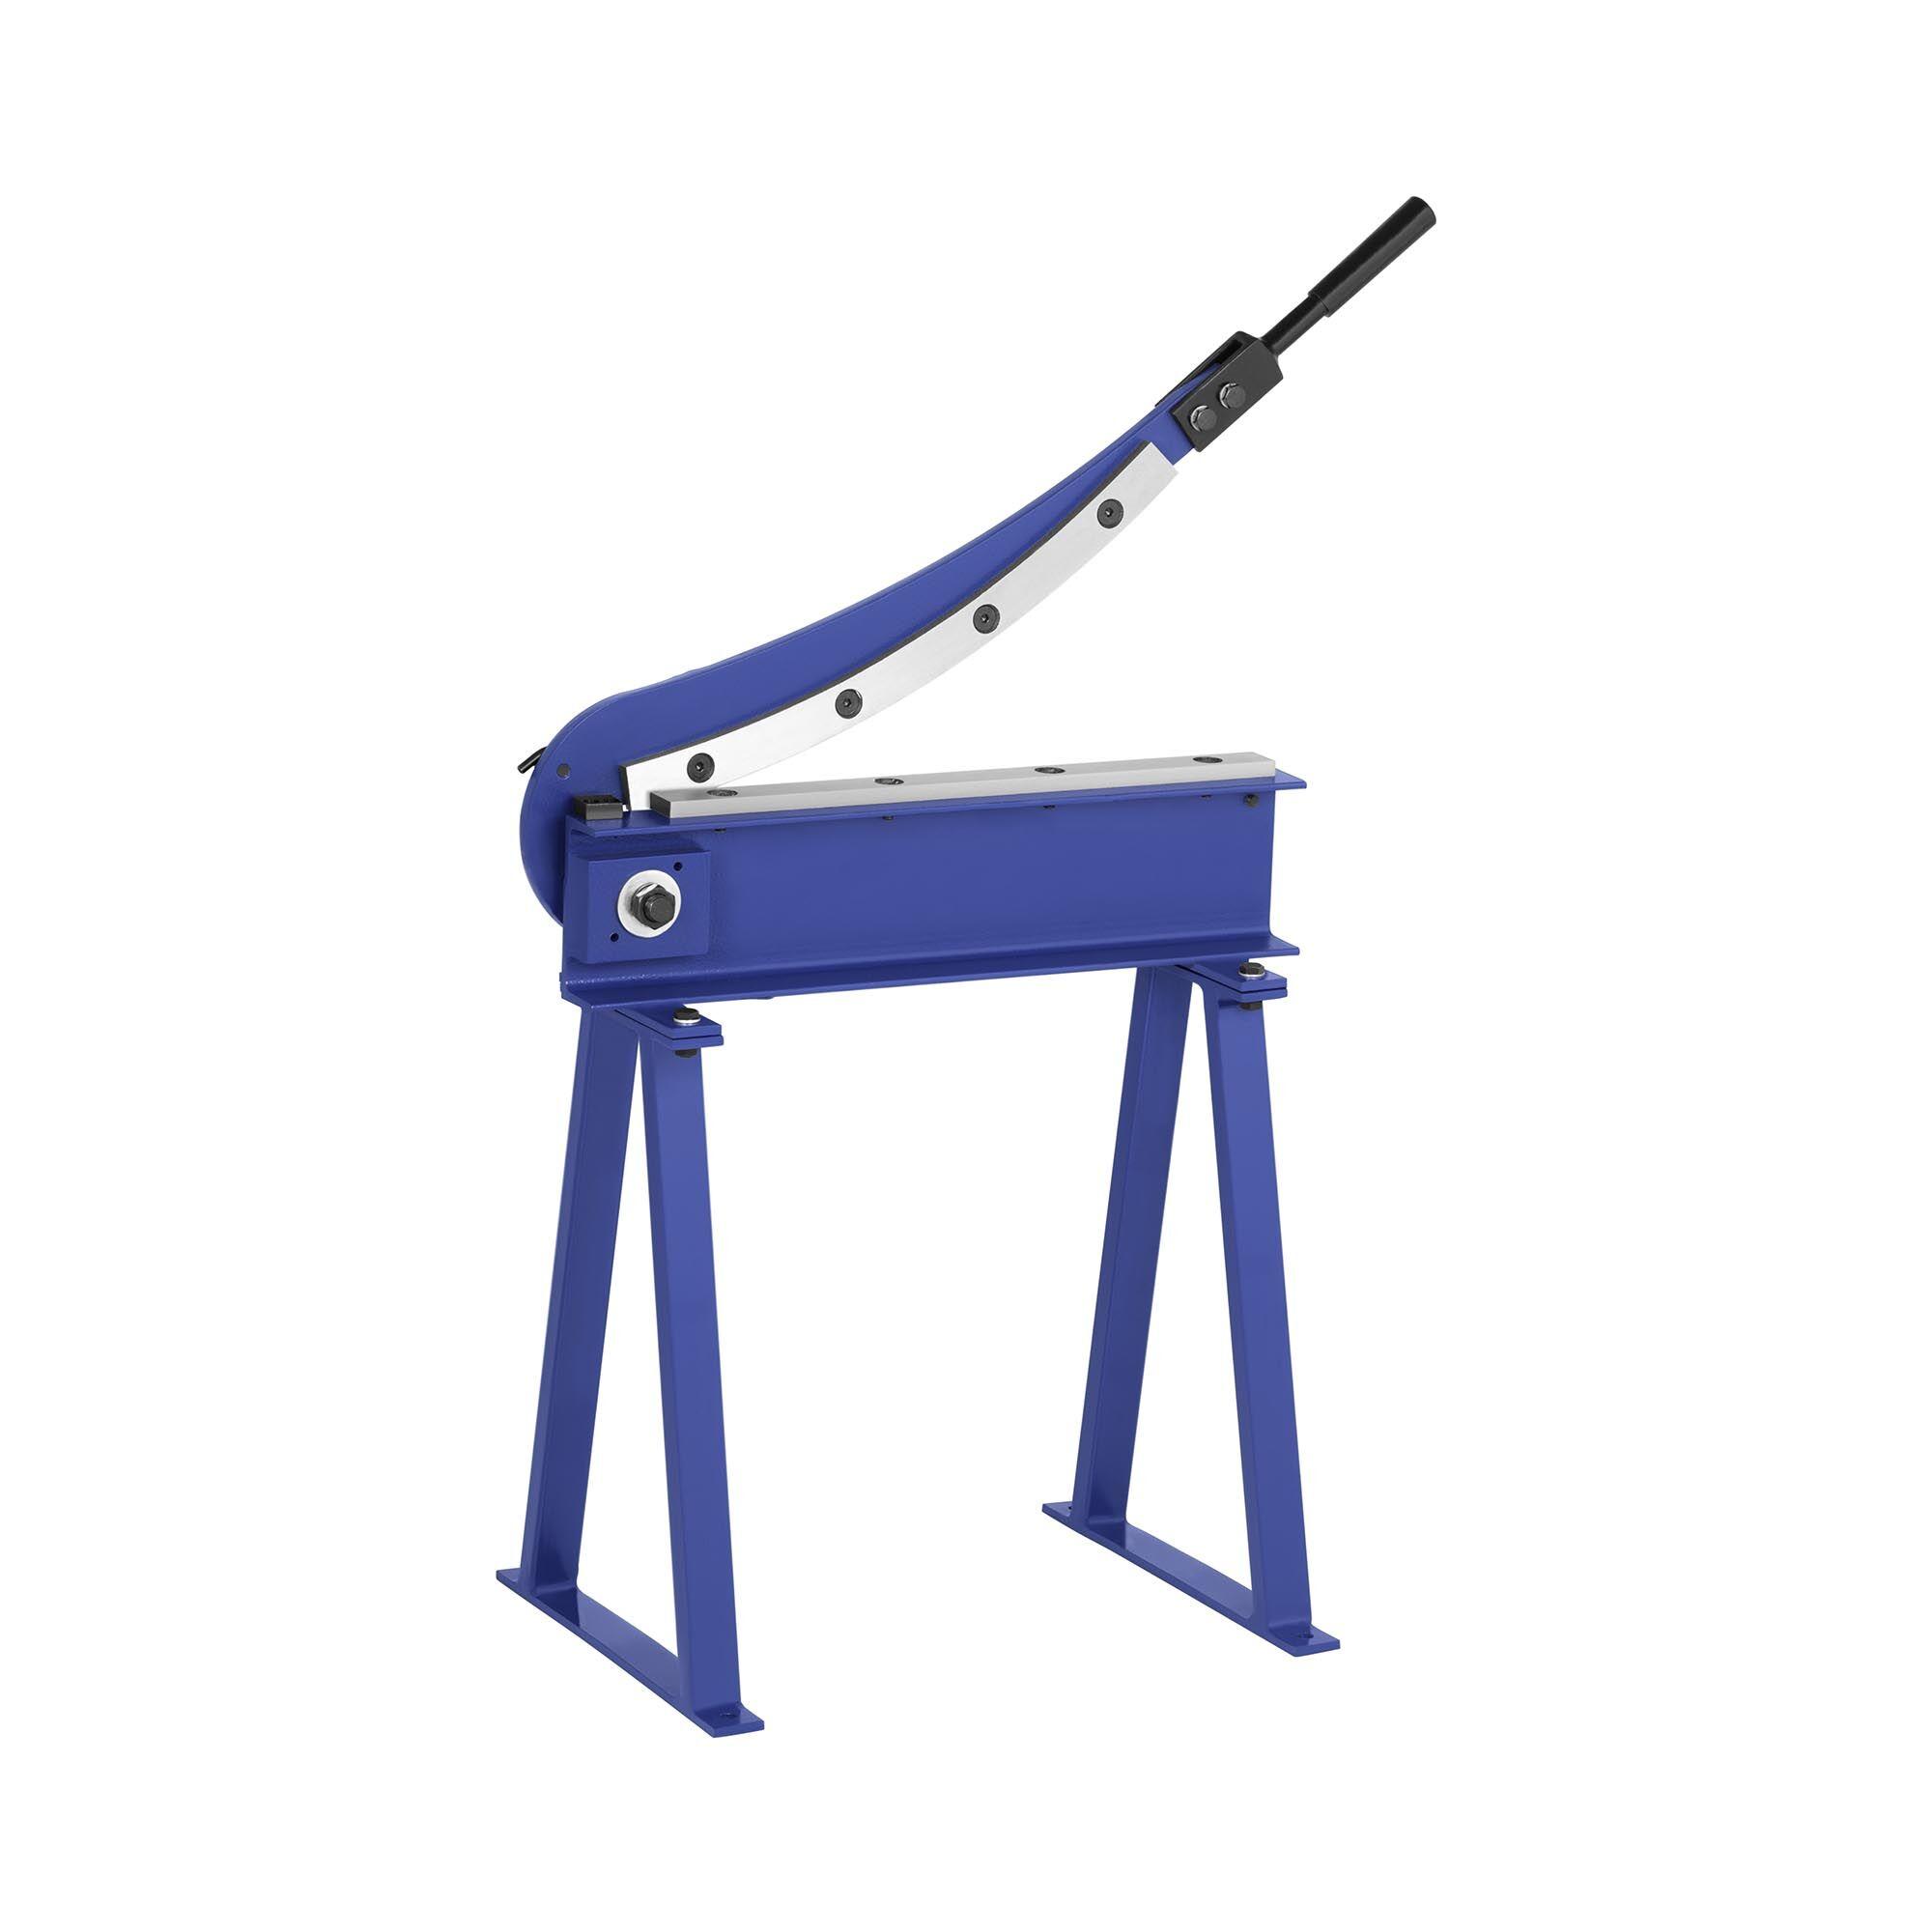 MSW Cisaille à tôle à levier avec piétement - Largeur de coupe de 500 mm MSW-HS500